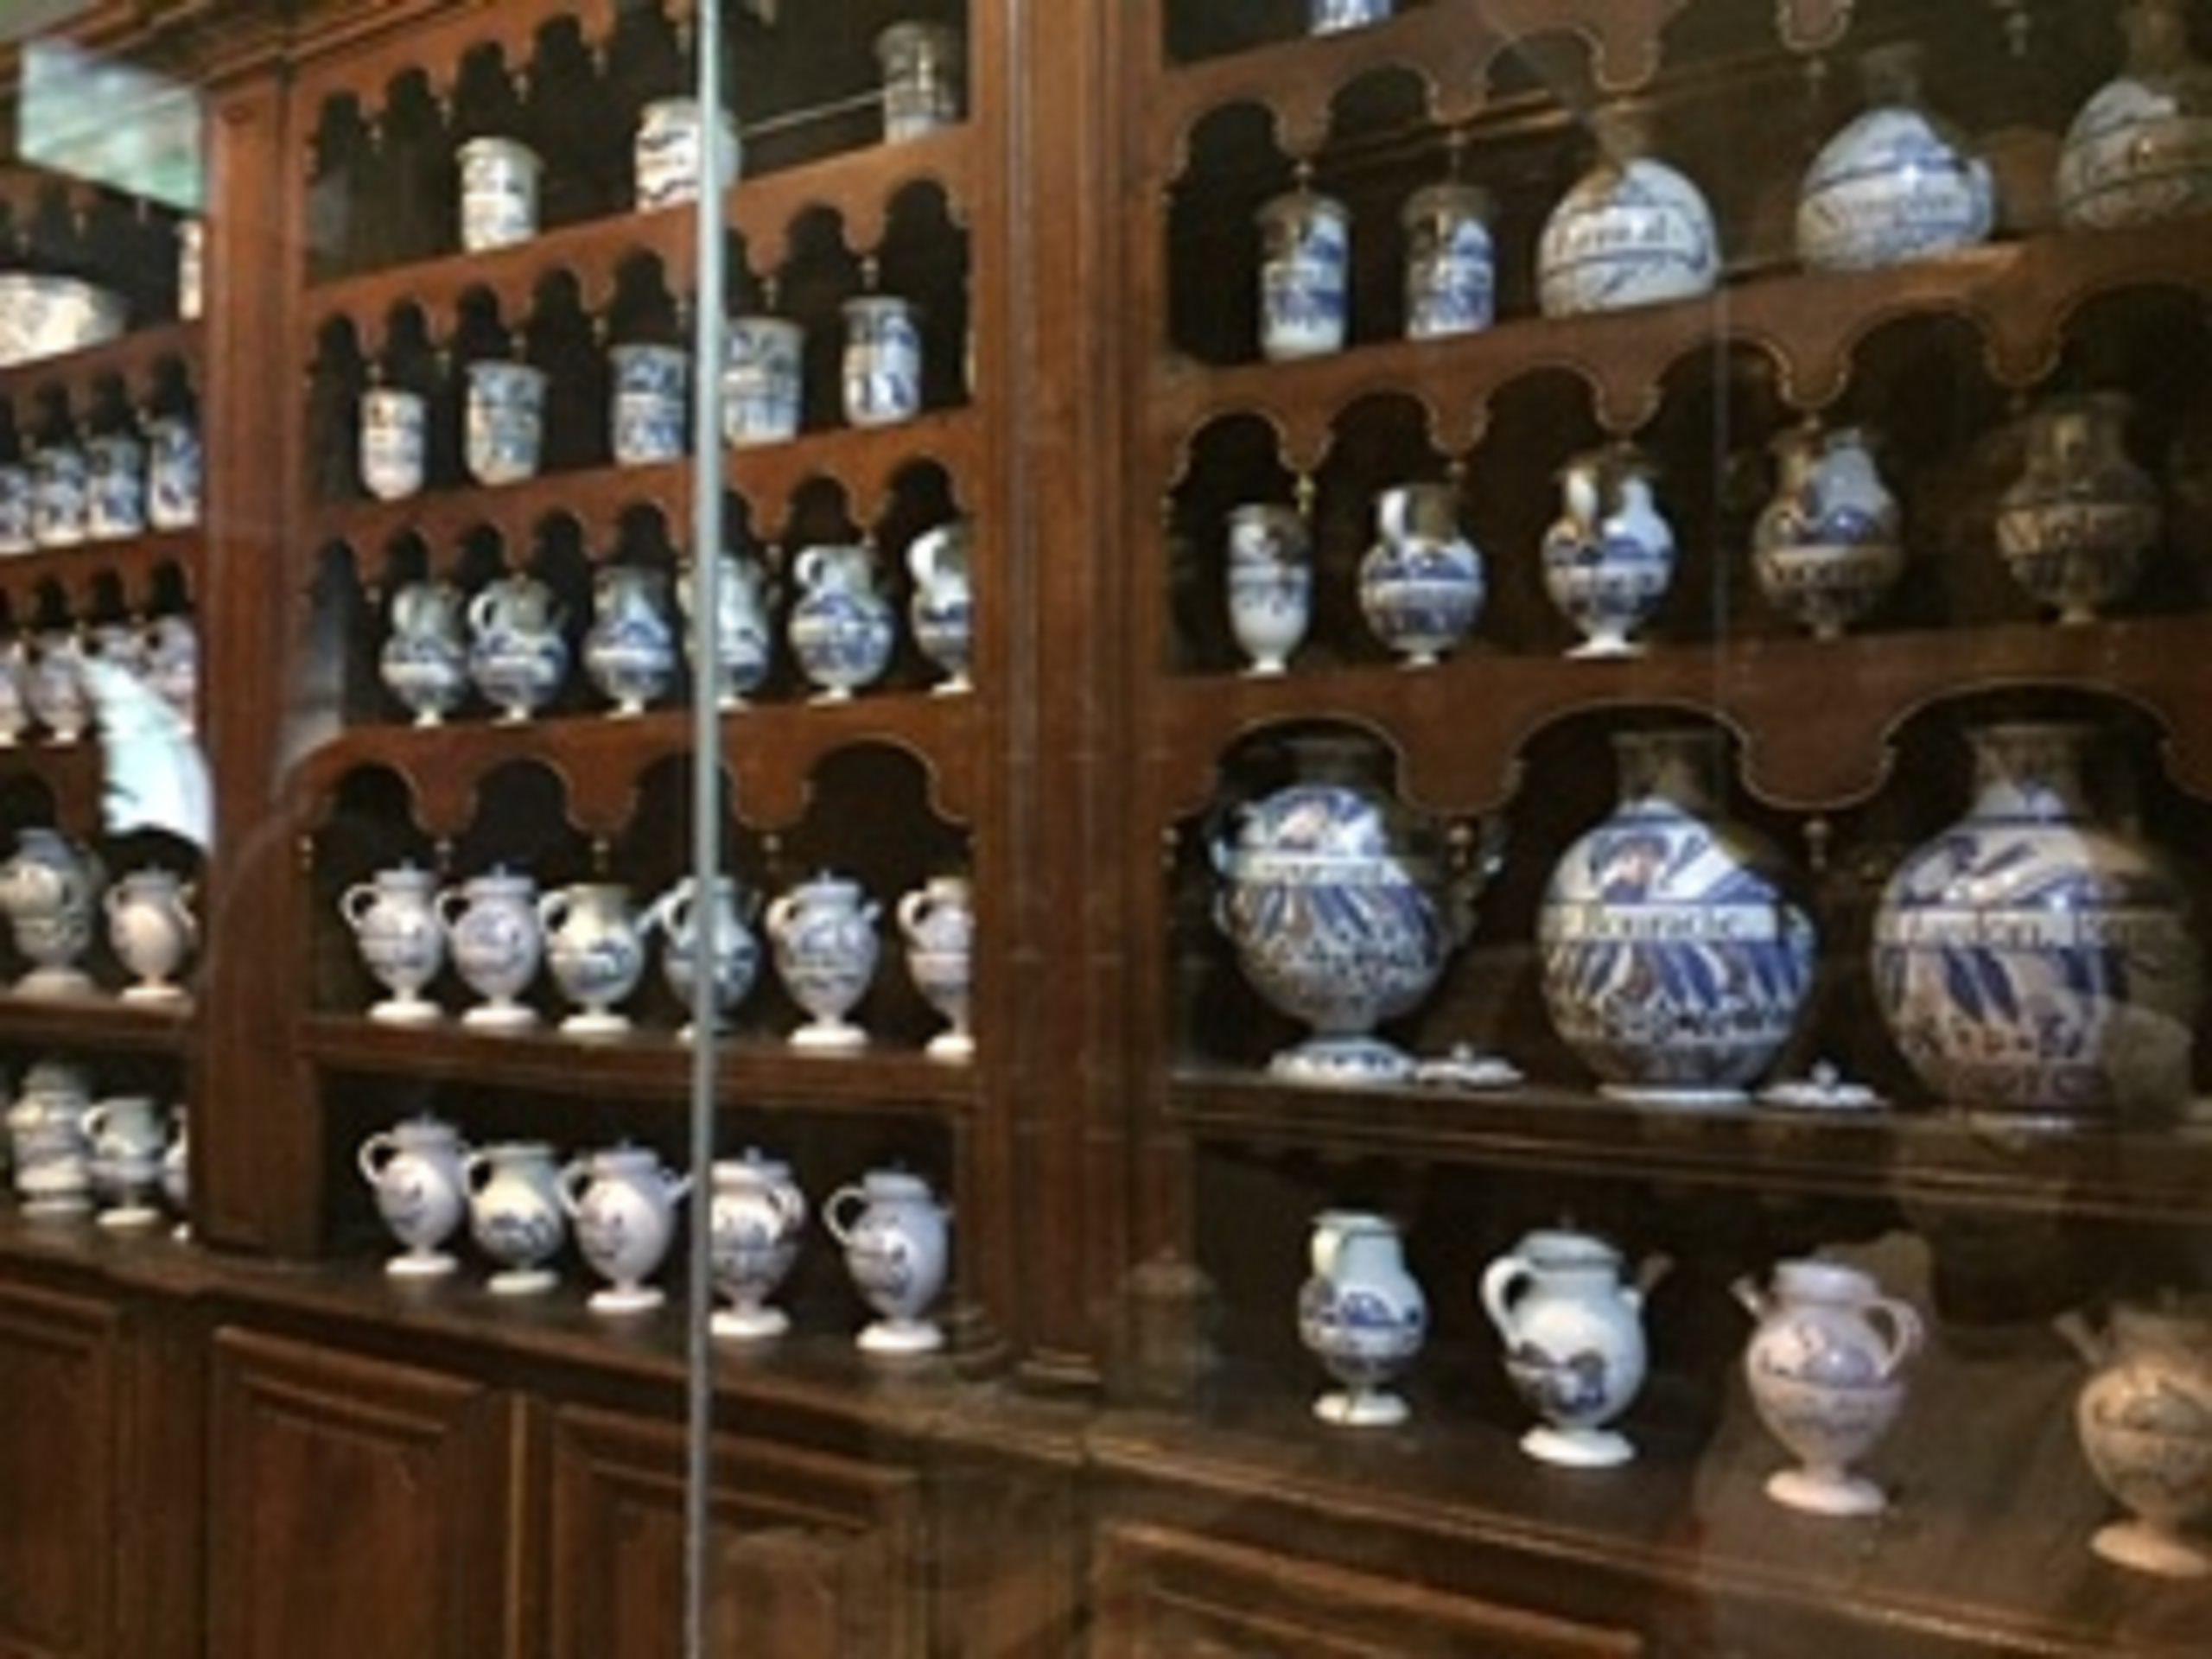 Pharmacie tenue par les Sœurs, avec des poteries d'époque renfermant des plantes médicinales